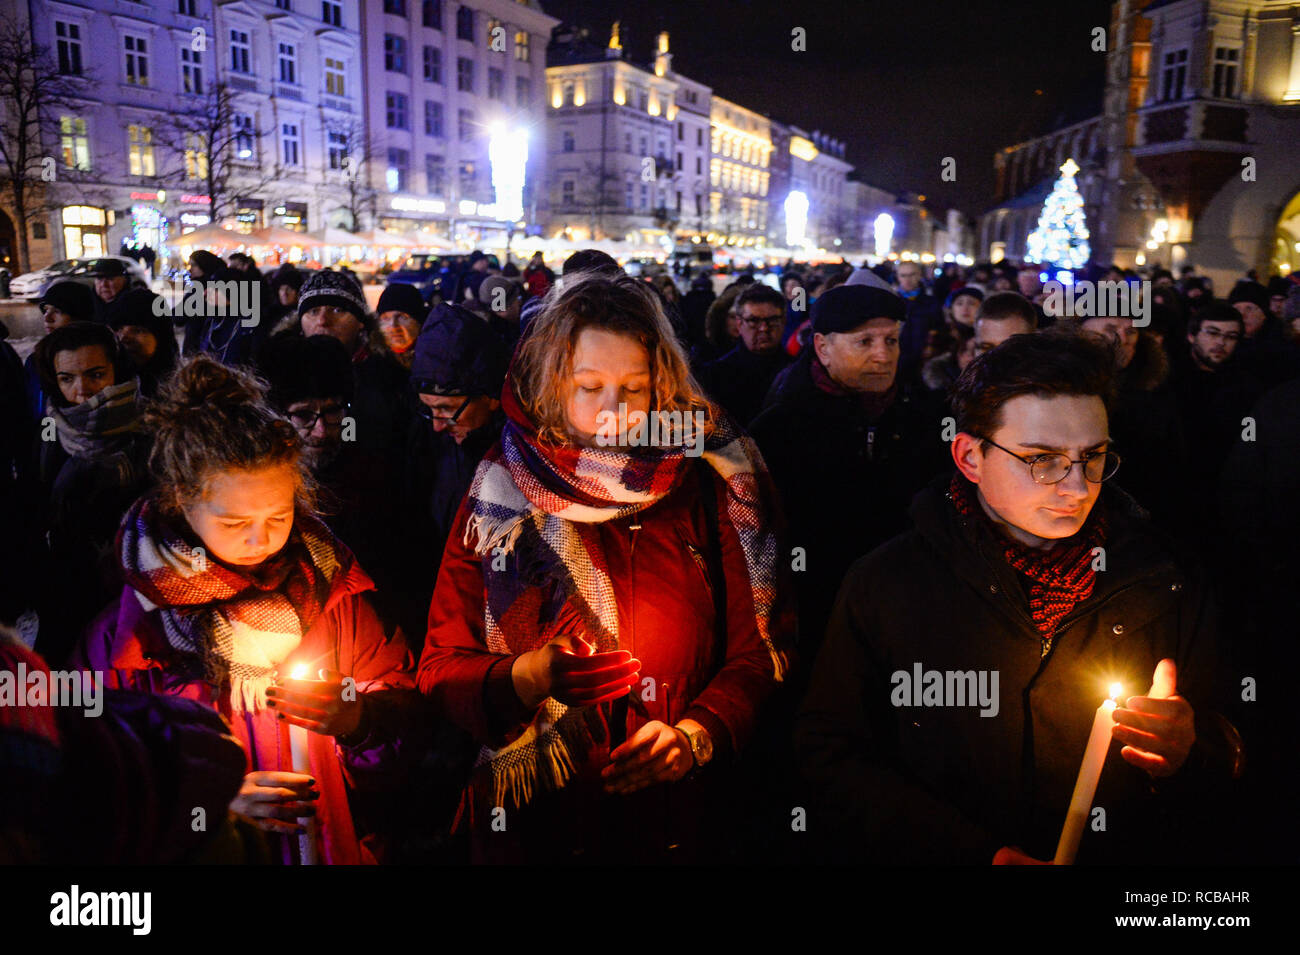 Cracovia in Polonia. Xiv gen, 2019. Si vedono persone che prendono parte durante il raduno a piangere il sindaco di Danzica, Pawel Adamowicz e di opporsi all odio e alla violenza nella piazza principale.Pawel Adamowicz, il sindaco della città polacca di Gdansk è morto dopo essere stato accoltellato diverse volte sul palco durante la Grande Orchestra della Carità di Natale, la Polonia è più importante della carità di domenica sera. Il presunto aggressore, un uomo da Gdansk con un record di criminalità violenta, è stato rilasciato dal carcere il mese scorso. Credito: ZUMA Press, Inc./Alamy Live News Immagini Stock